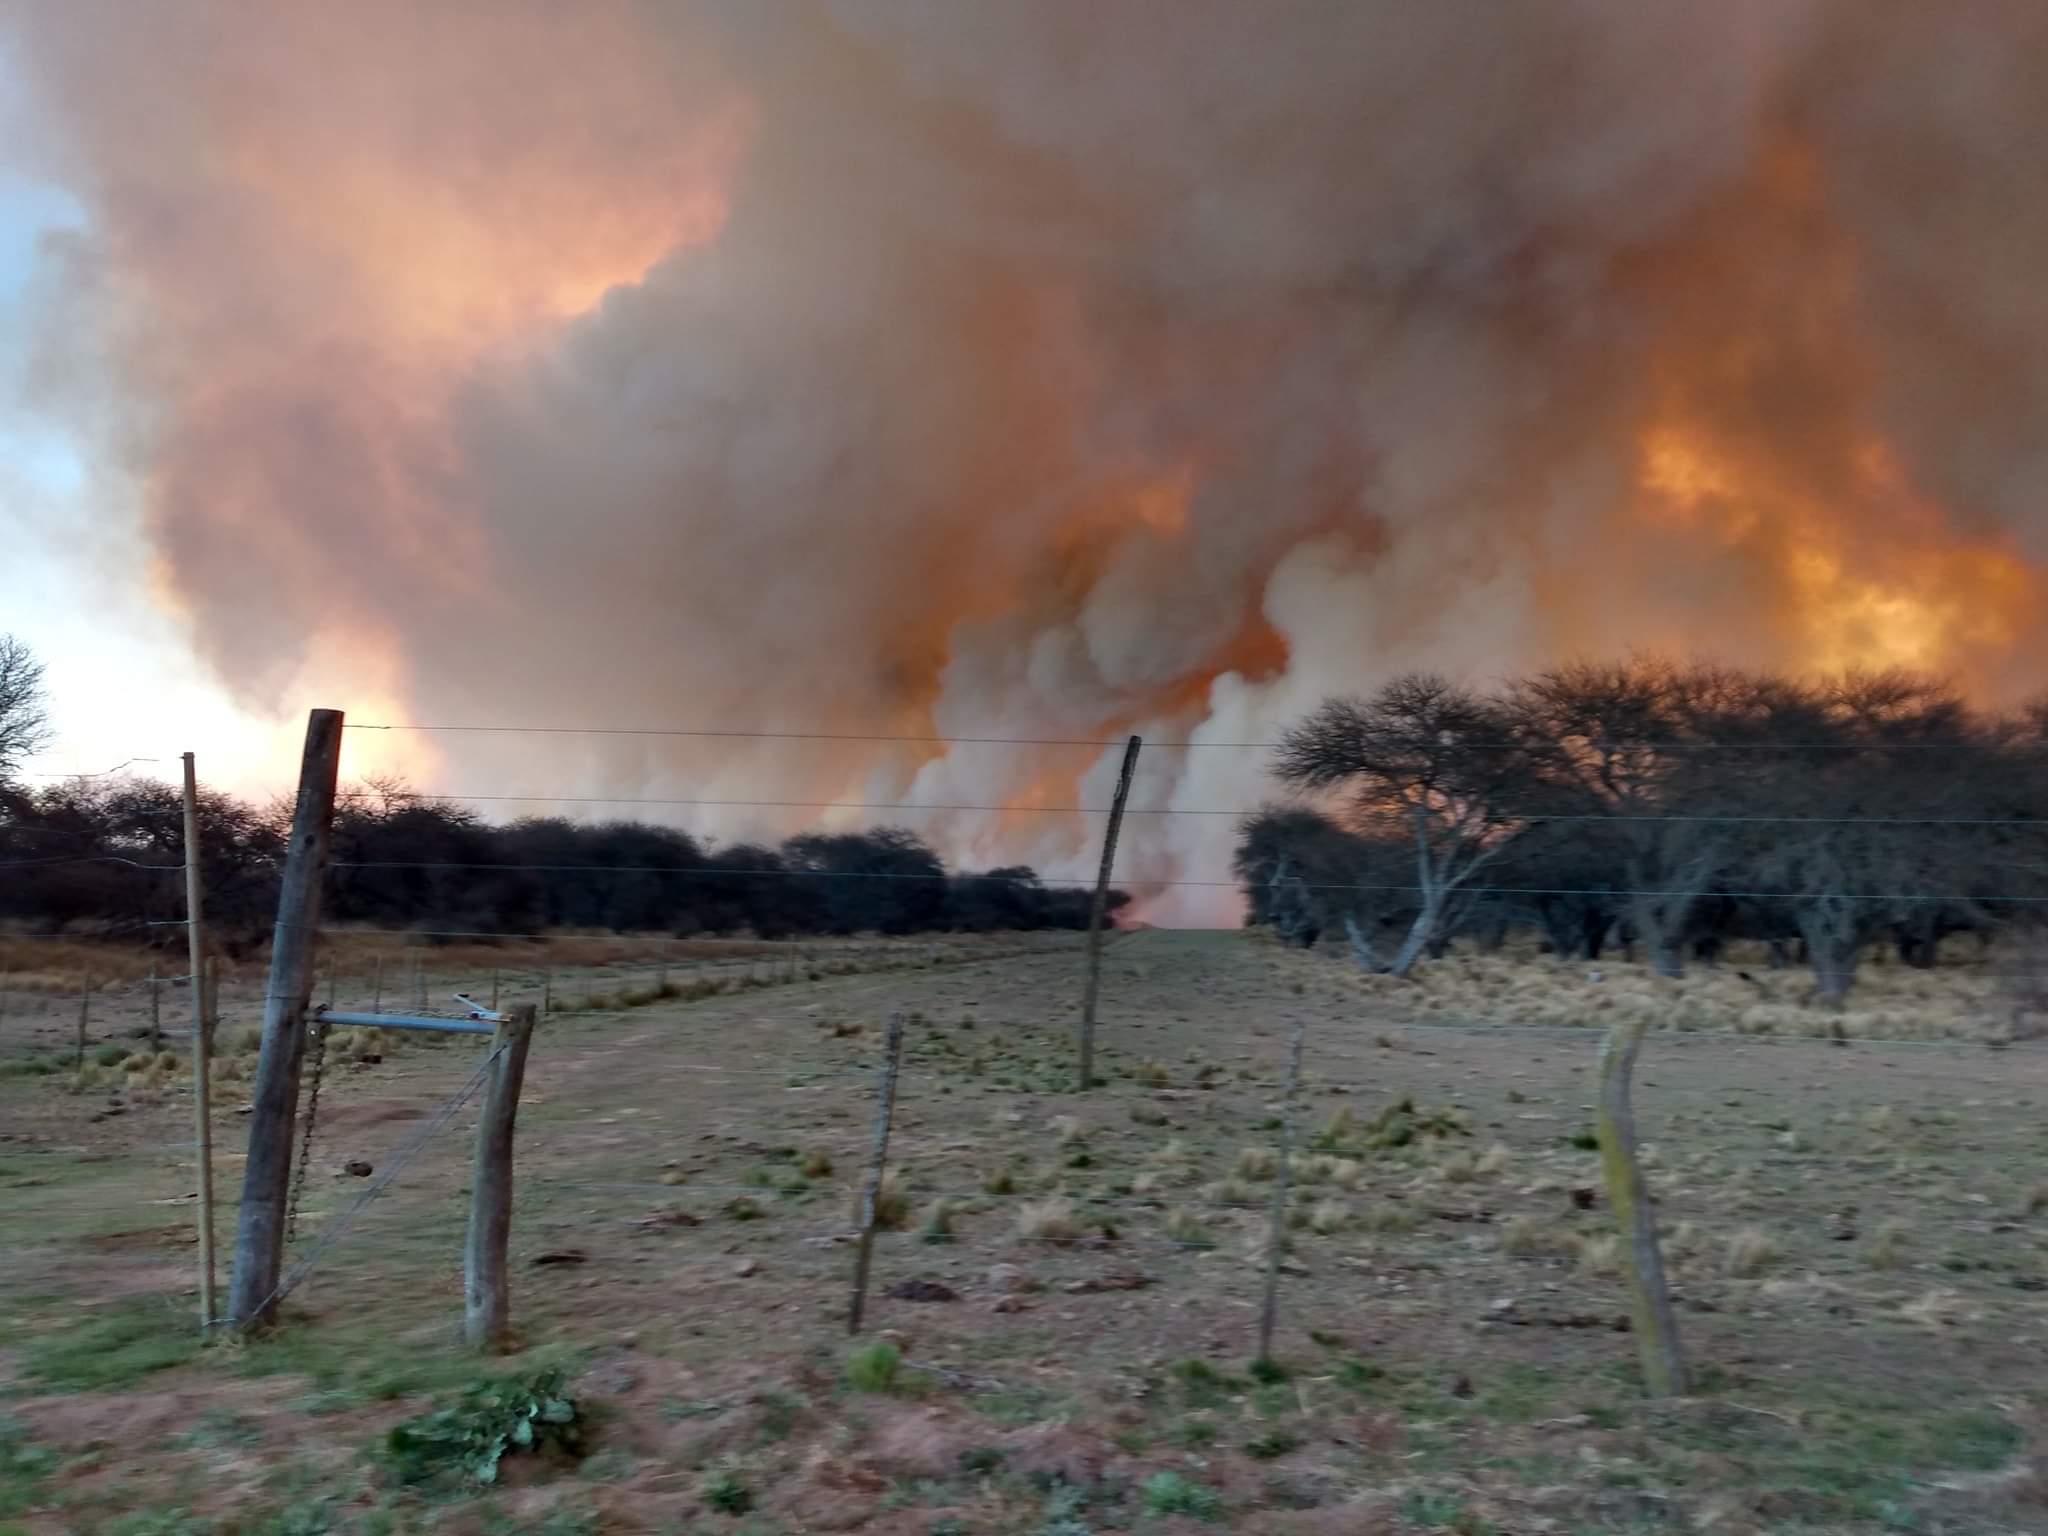 Cortan la ruta 35 como consecuencia del humo del incendio en la zona de Quehué